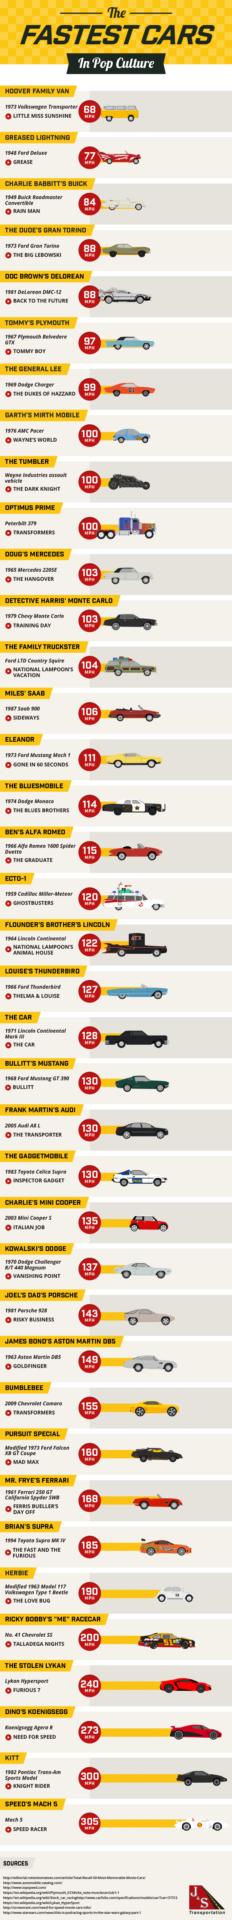 Fastest Cars in Pop Culture